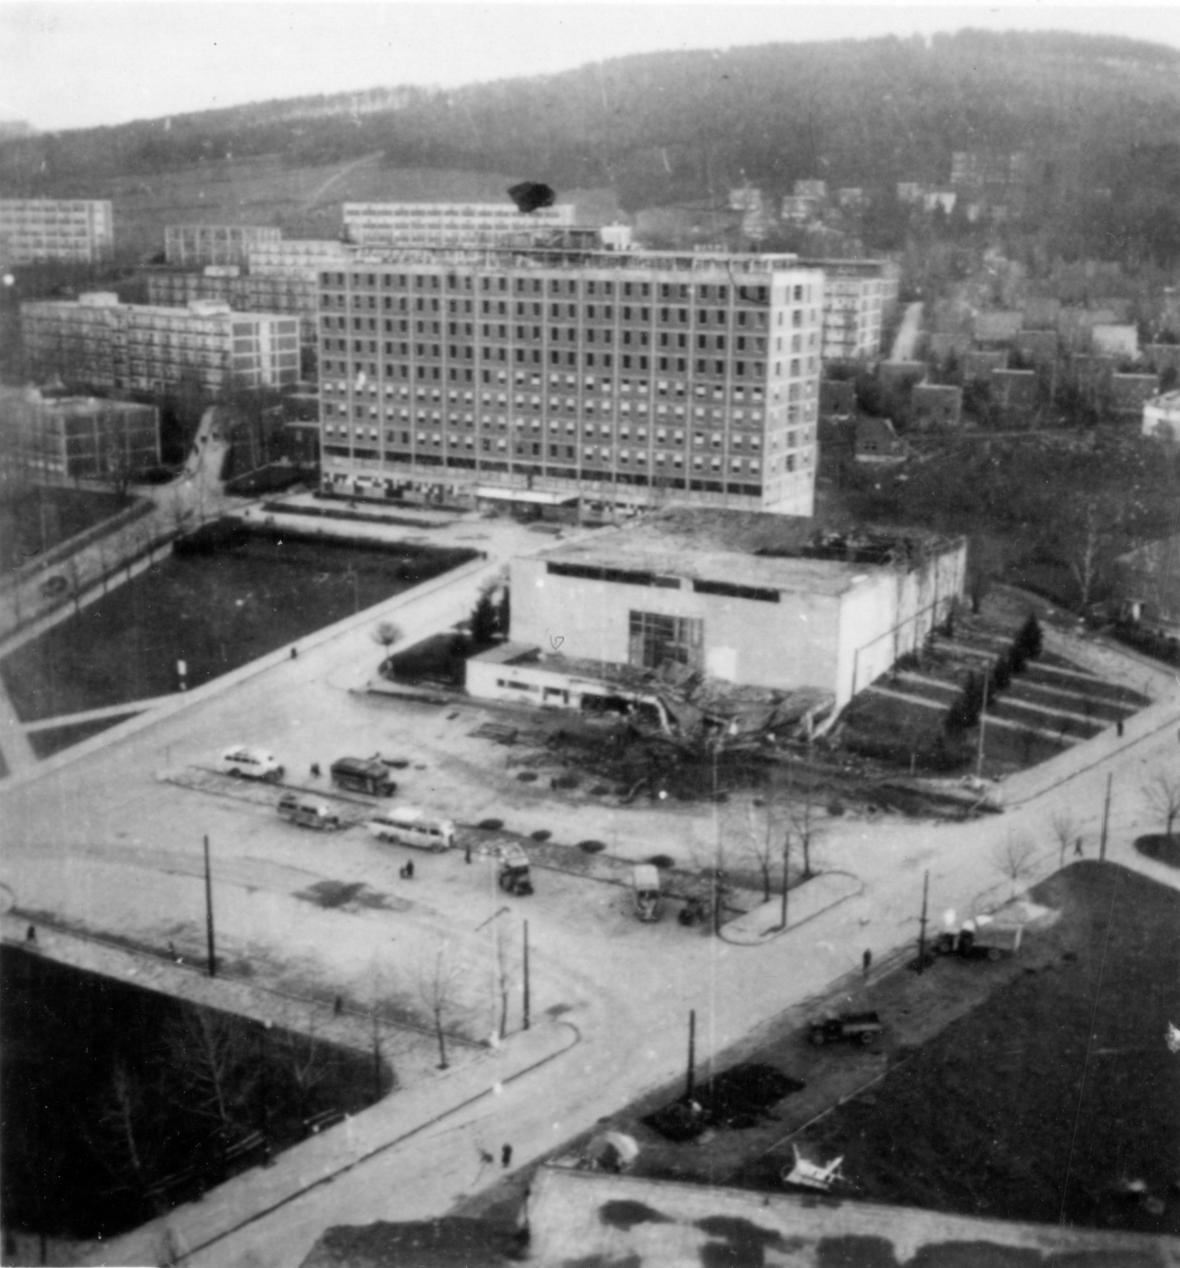 Pohled na velké kino zasažené při bombardování (listopad 1944)